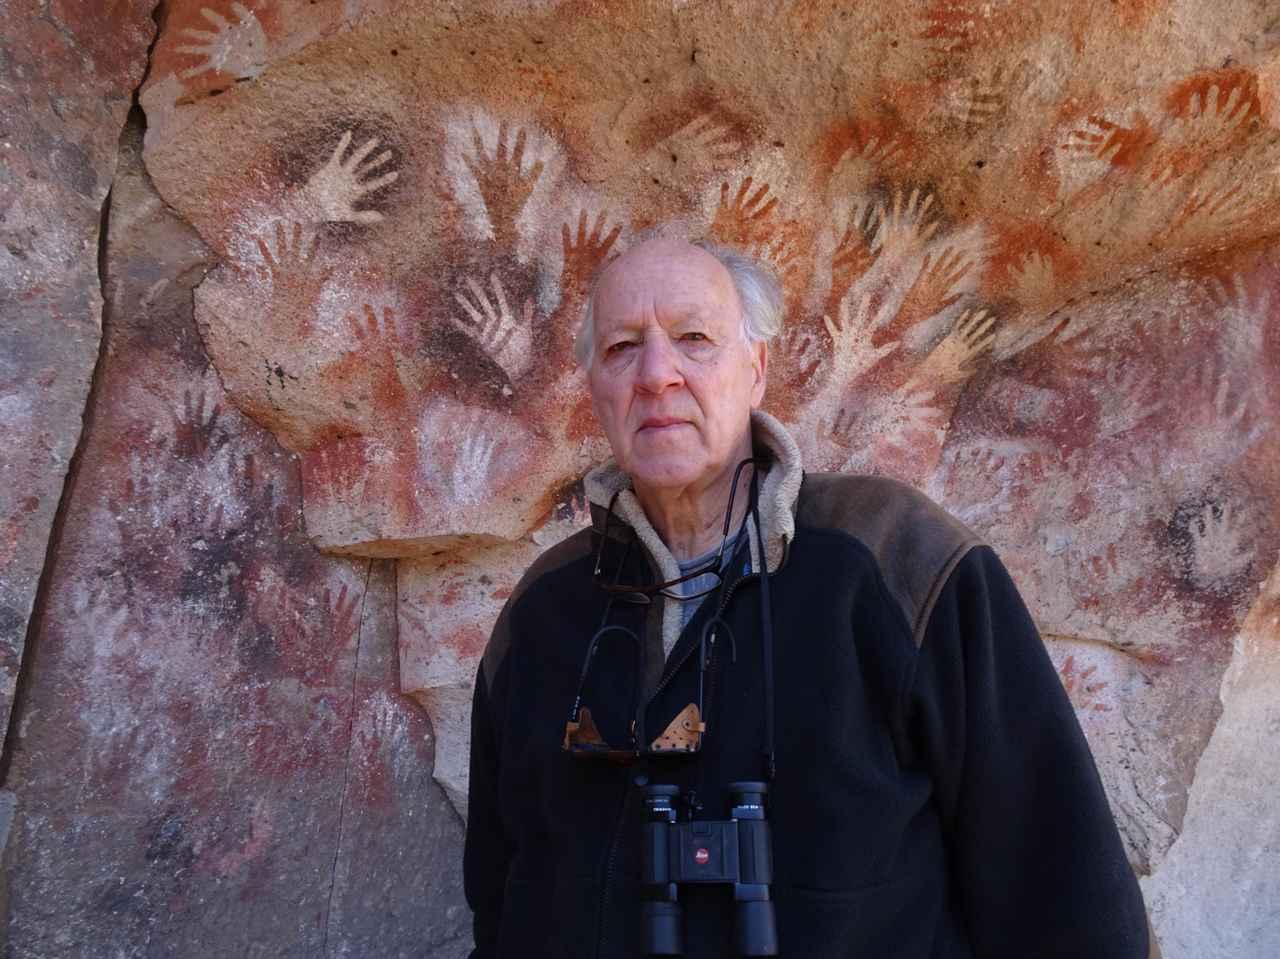 画像: Werner Herzog in NOMAD. Courtesy of Music Box Films.